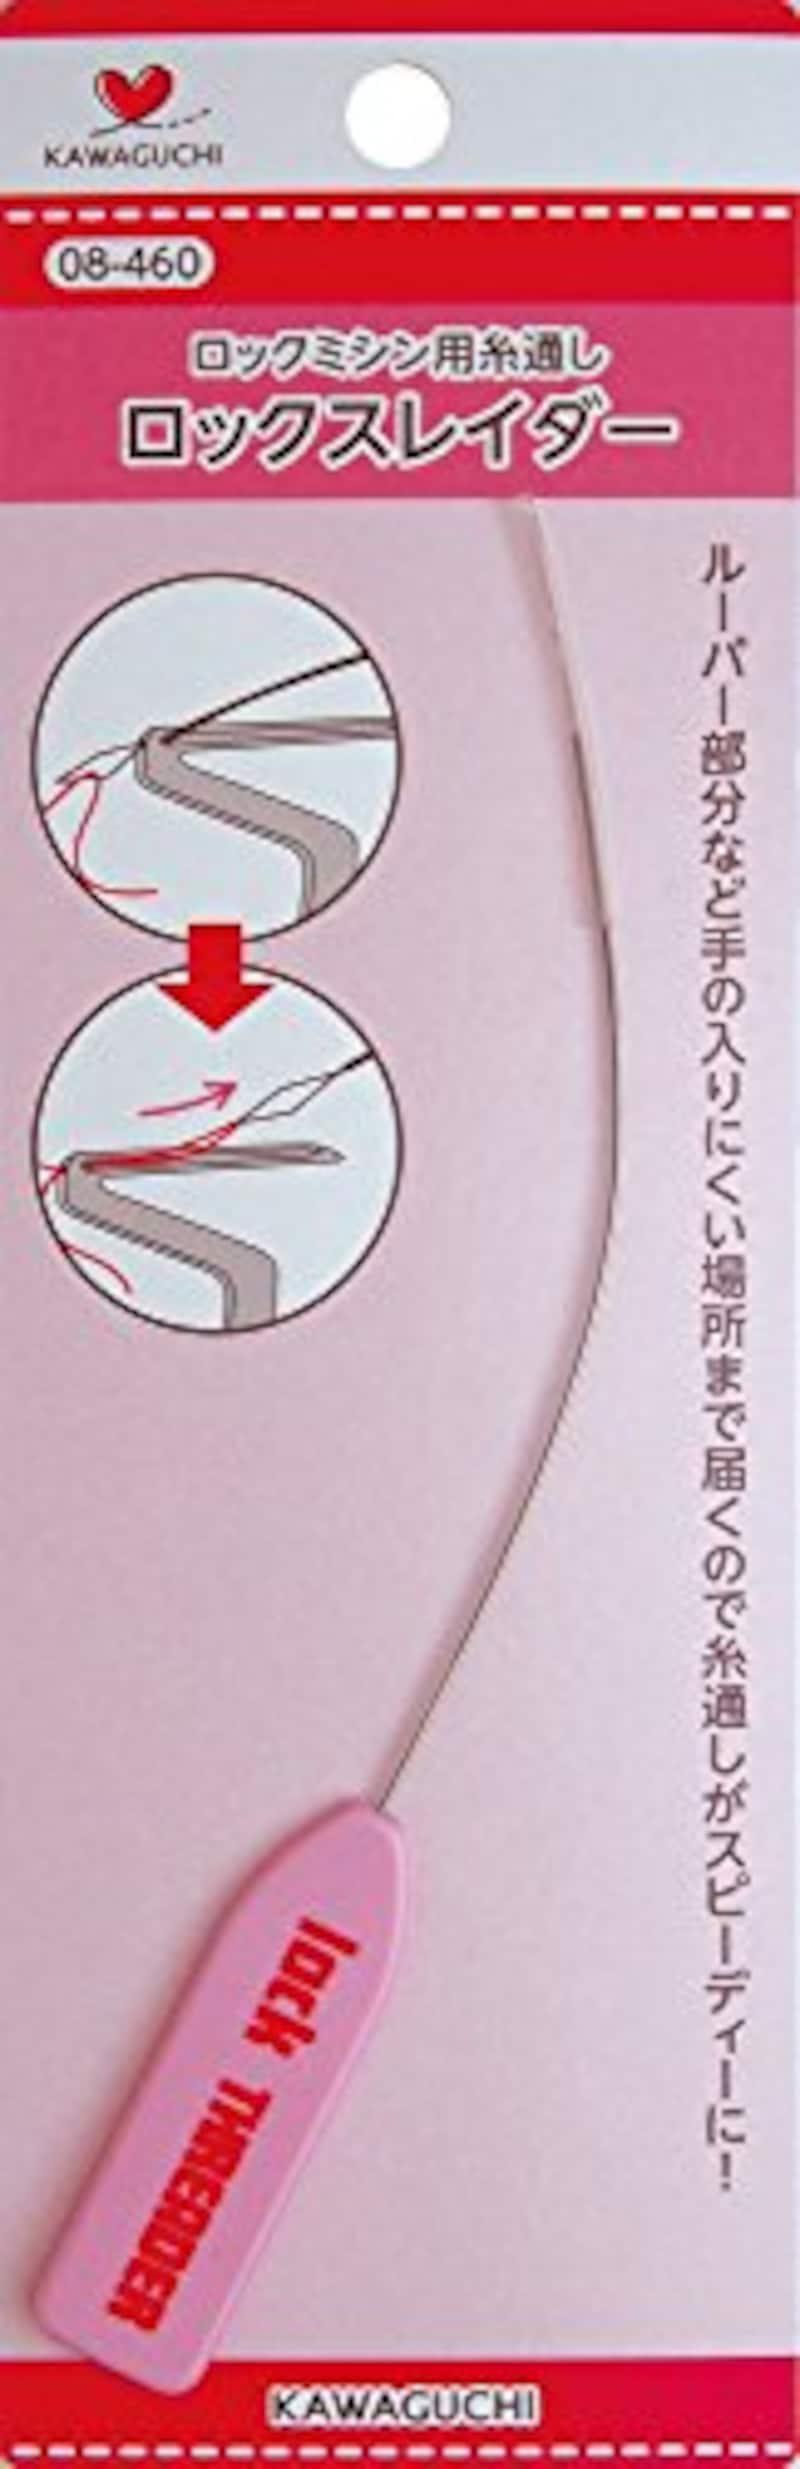 KAWAGUCHI(カワグチ),ロックミシン用 糸通し器,08-460